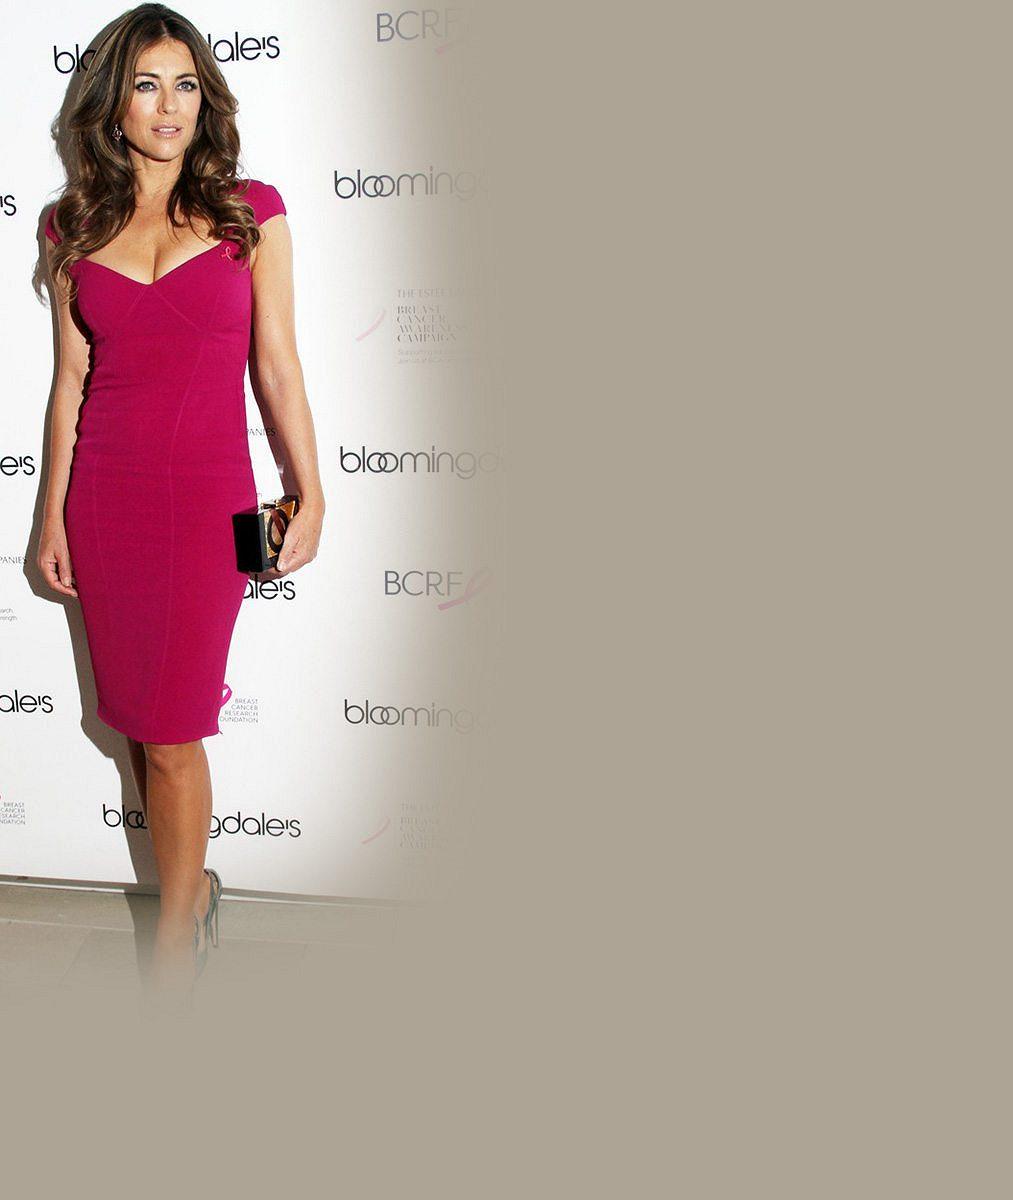 Není padesátka jako padesátka: Růžové šaty nestárnoucí herečky obepínaly každý kousek jejího famózního těla